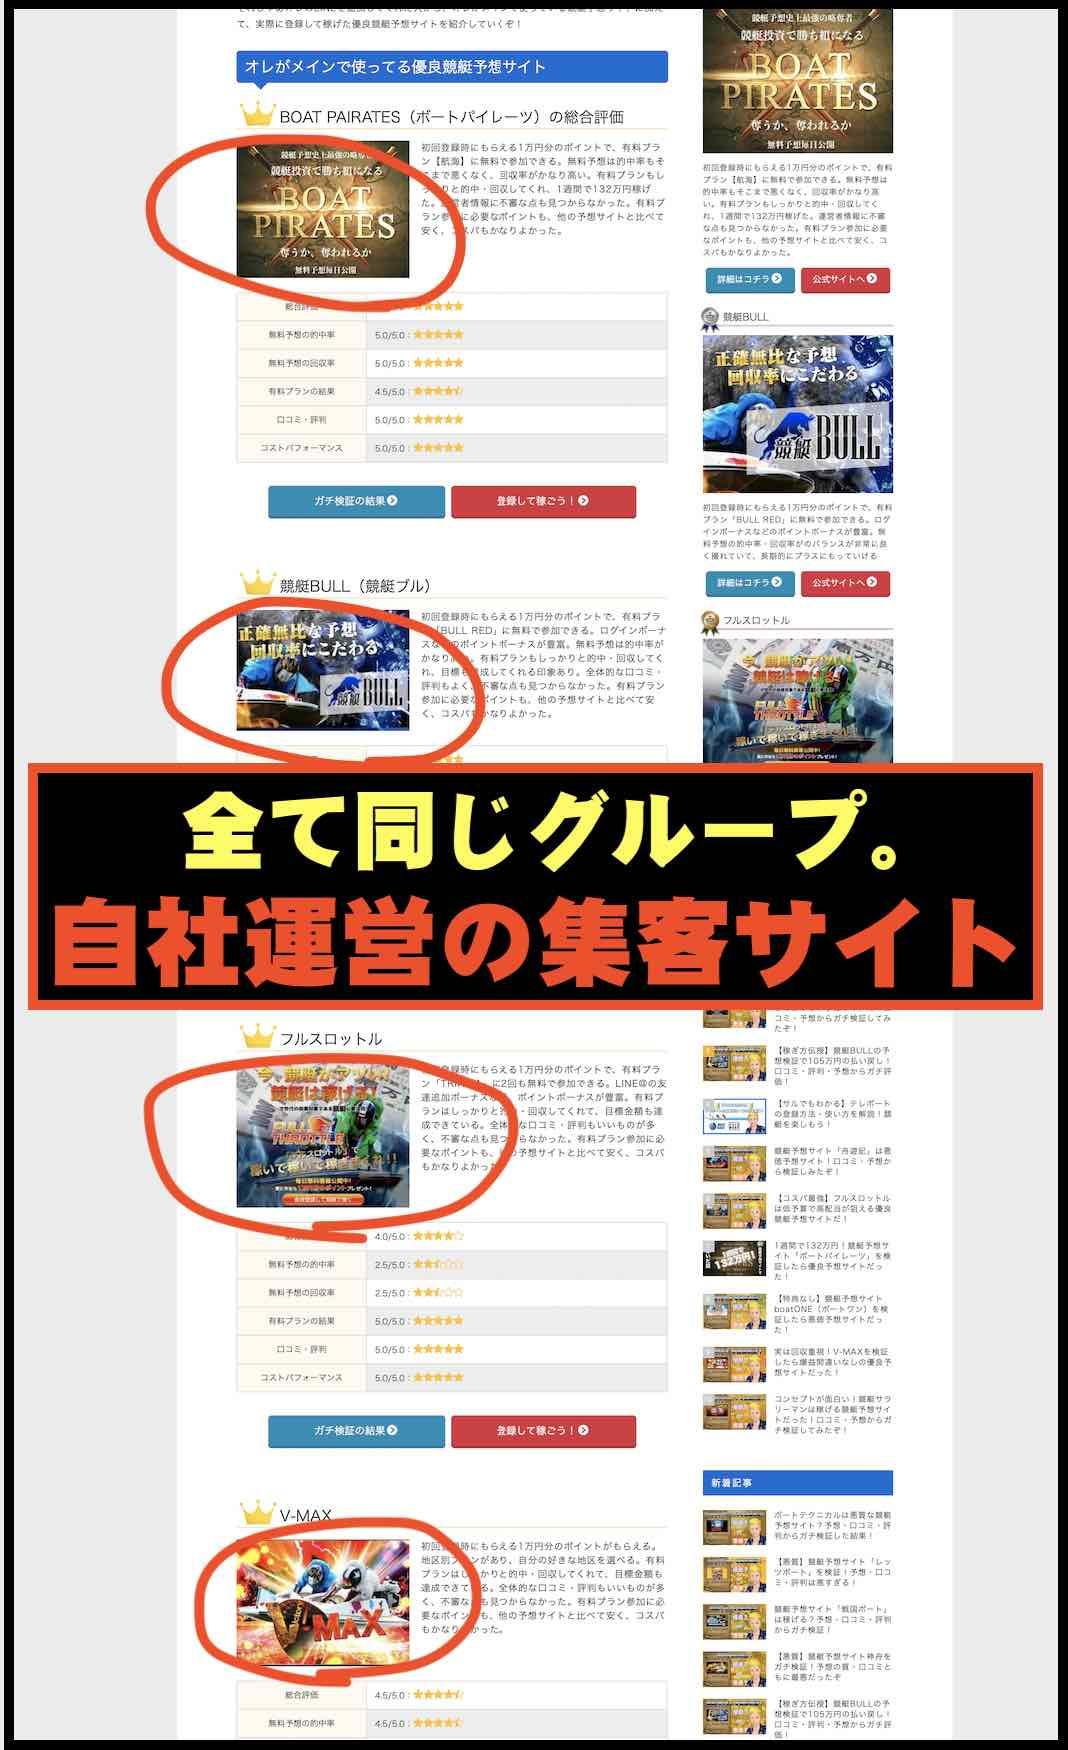 マルコという競艇予想サイトの紹介ブログは自社運営の集客ブログだった